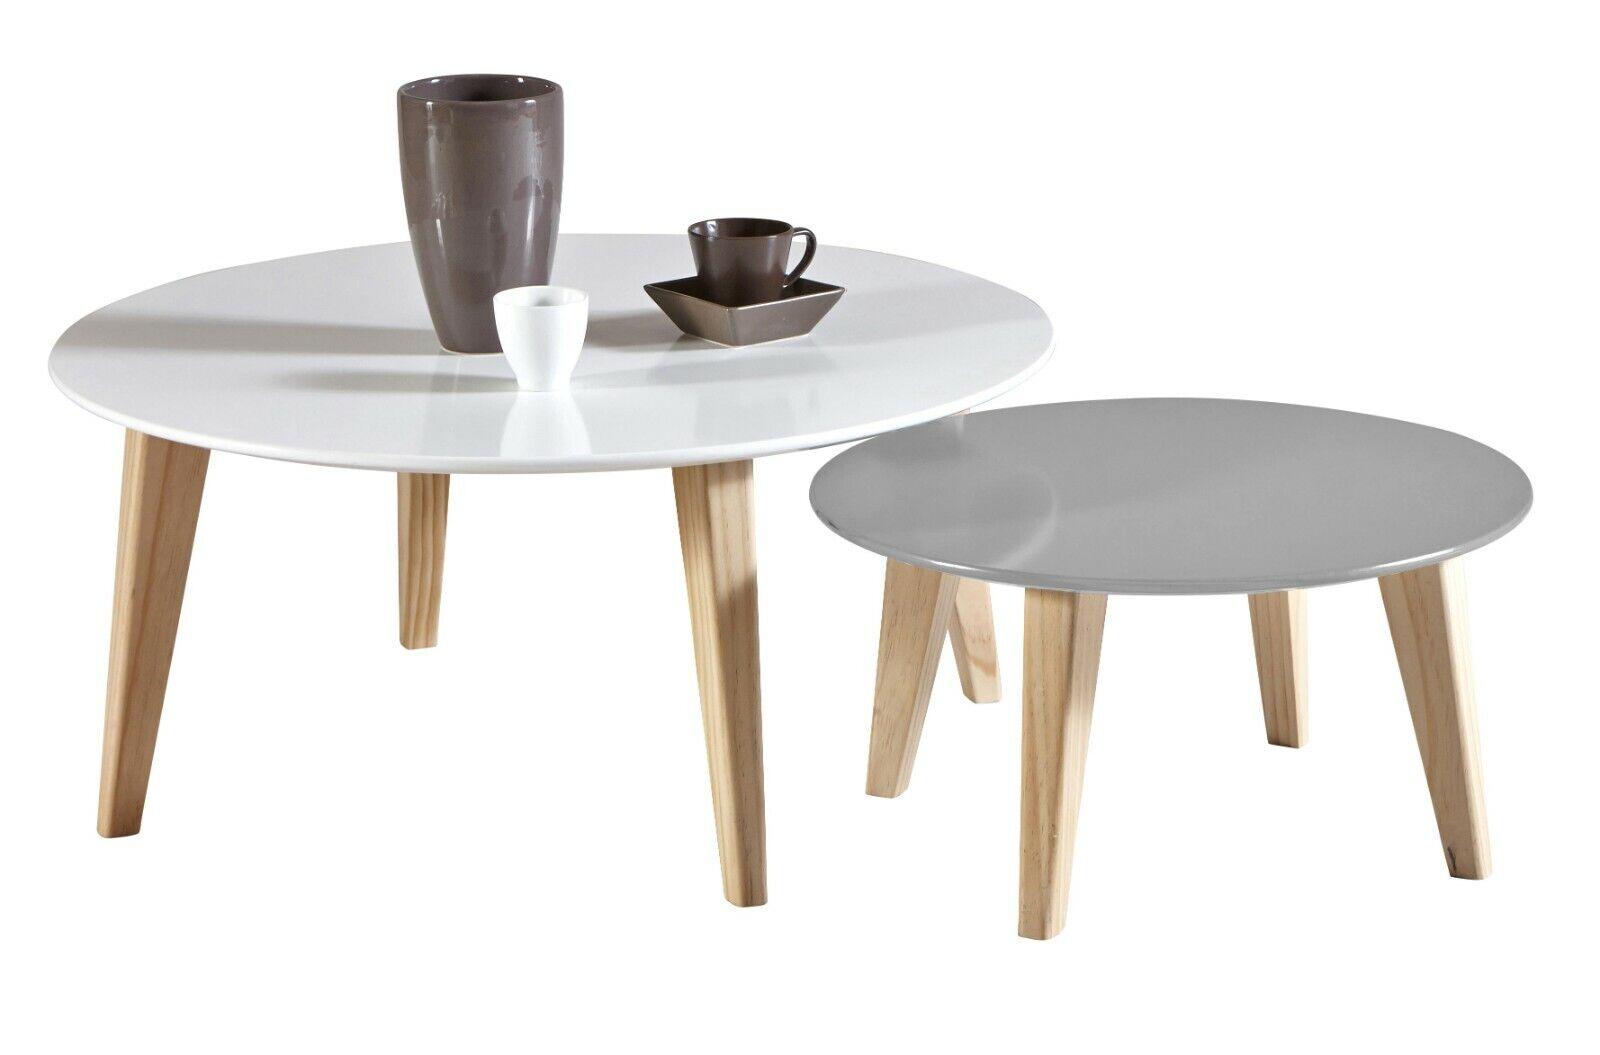 Conjunto 2 mesas de centro round color blanco mate y gris salón...